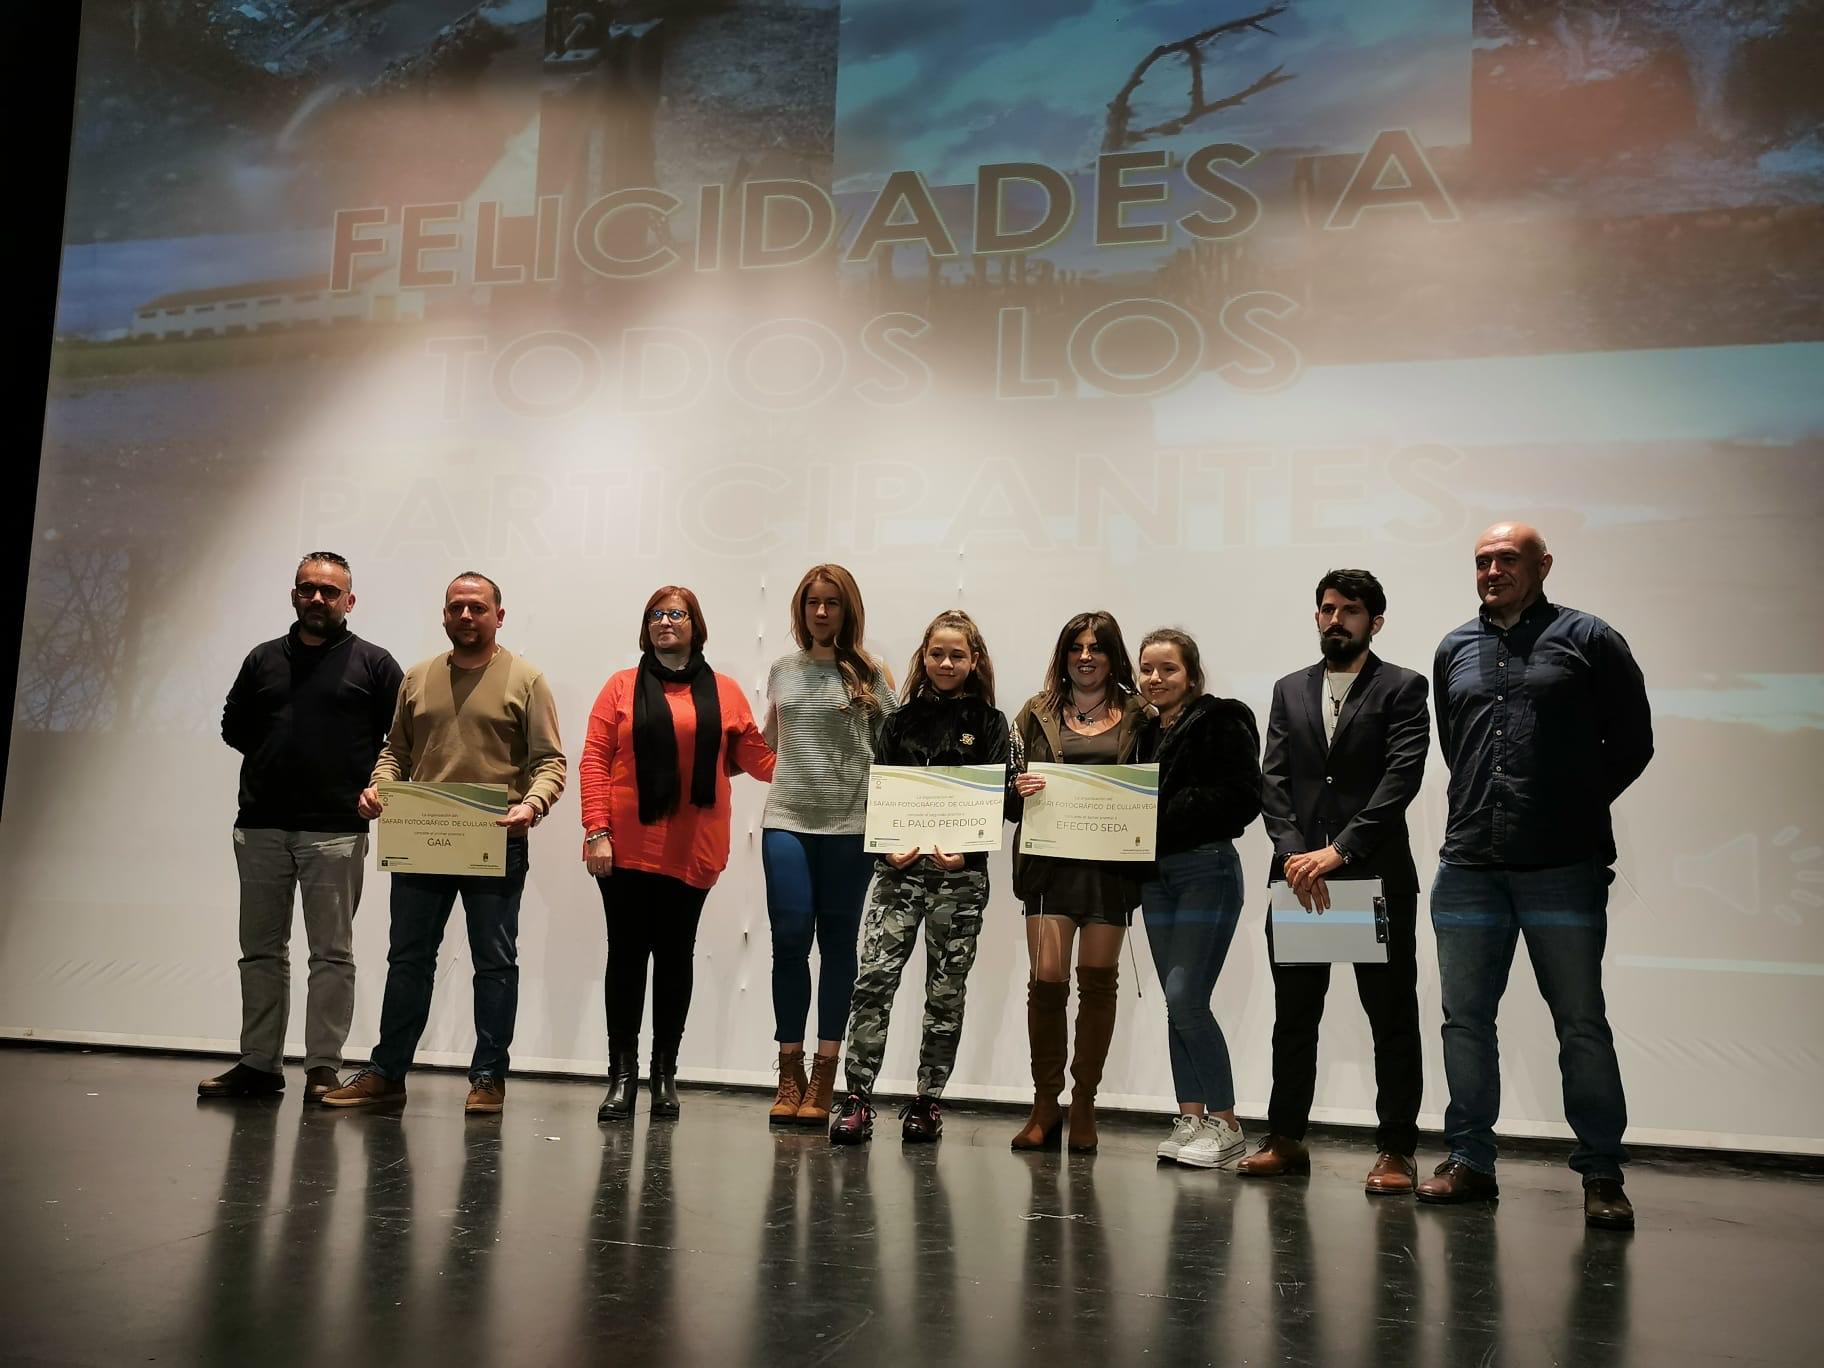 El guitarrista Manuel García gana el primer concurso de jóvenes talentos de Cúllar Vega